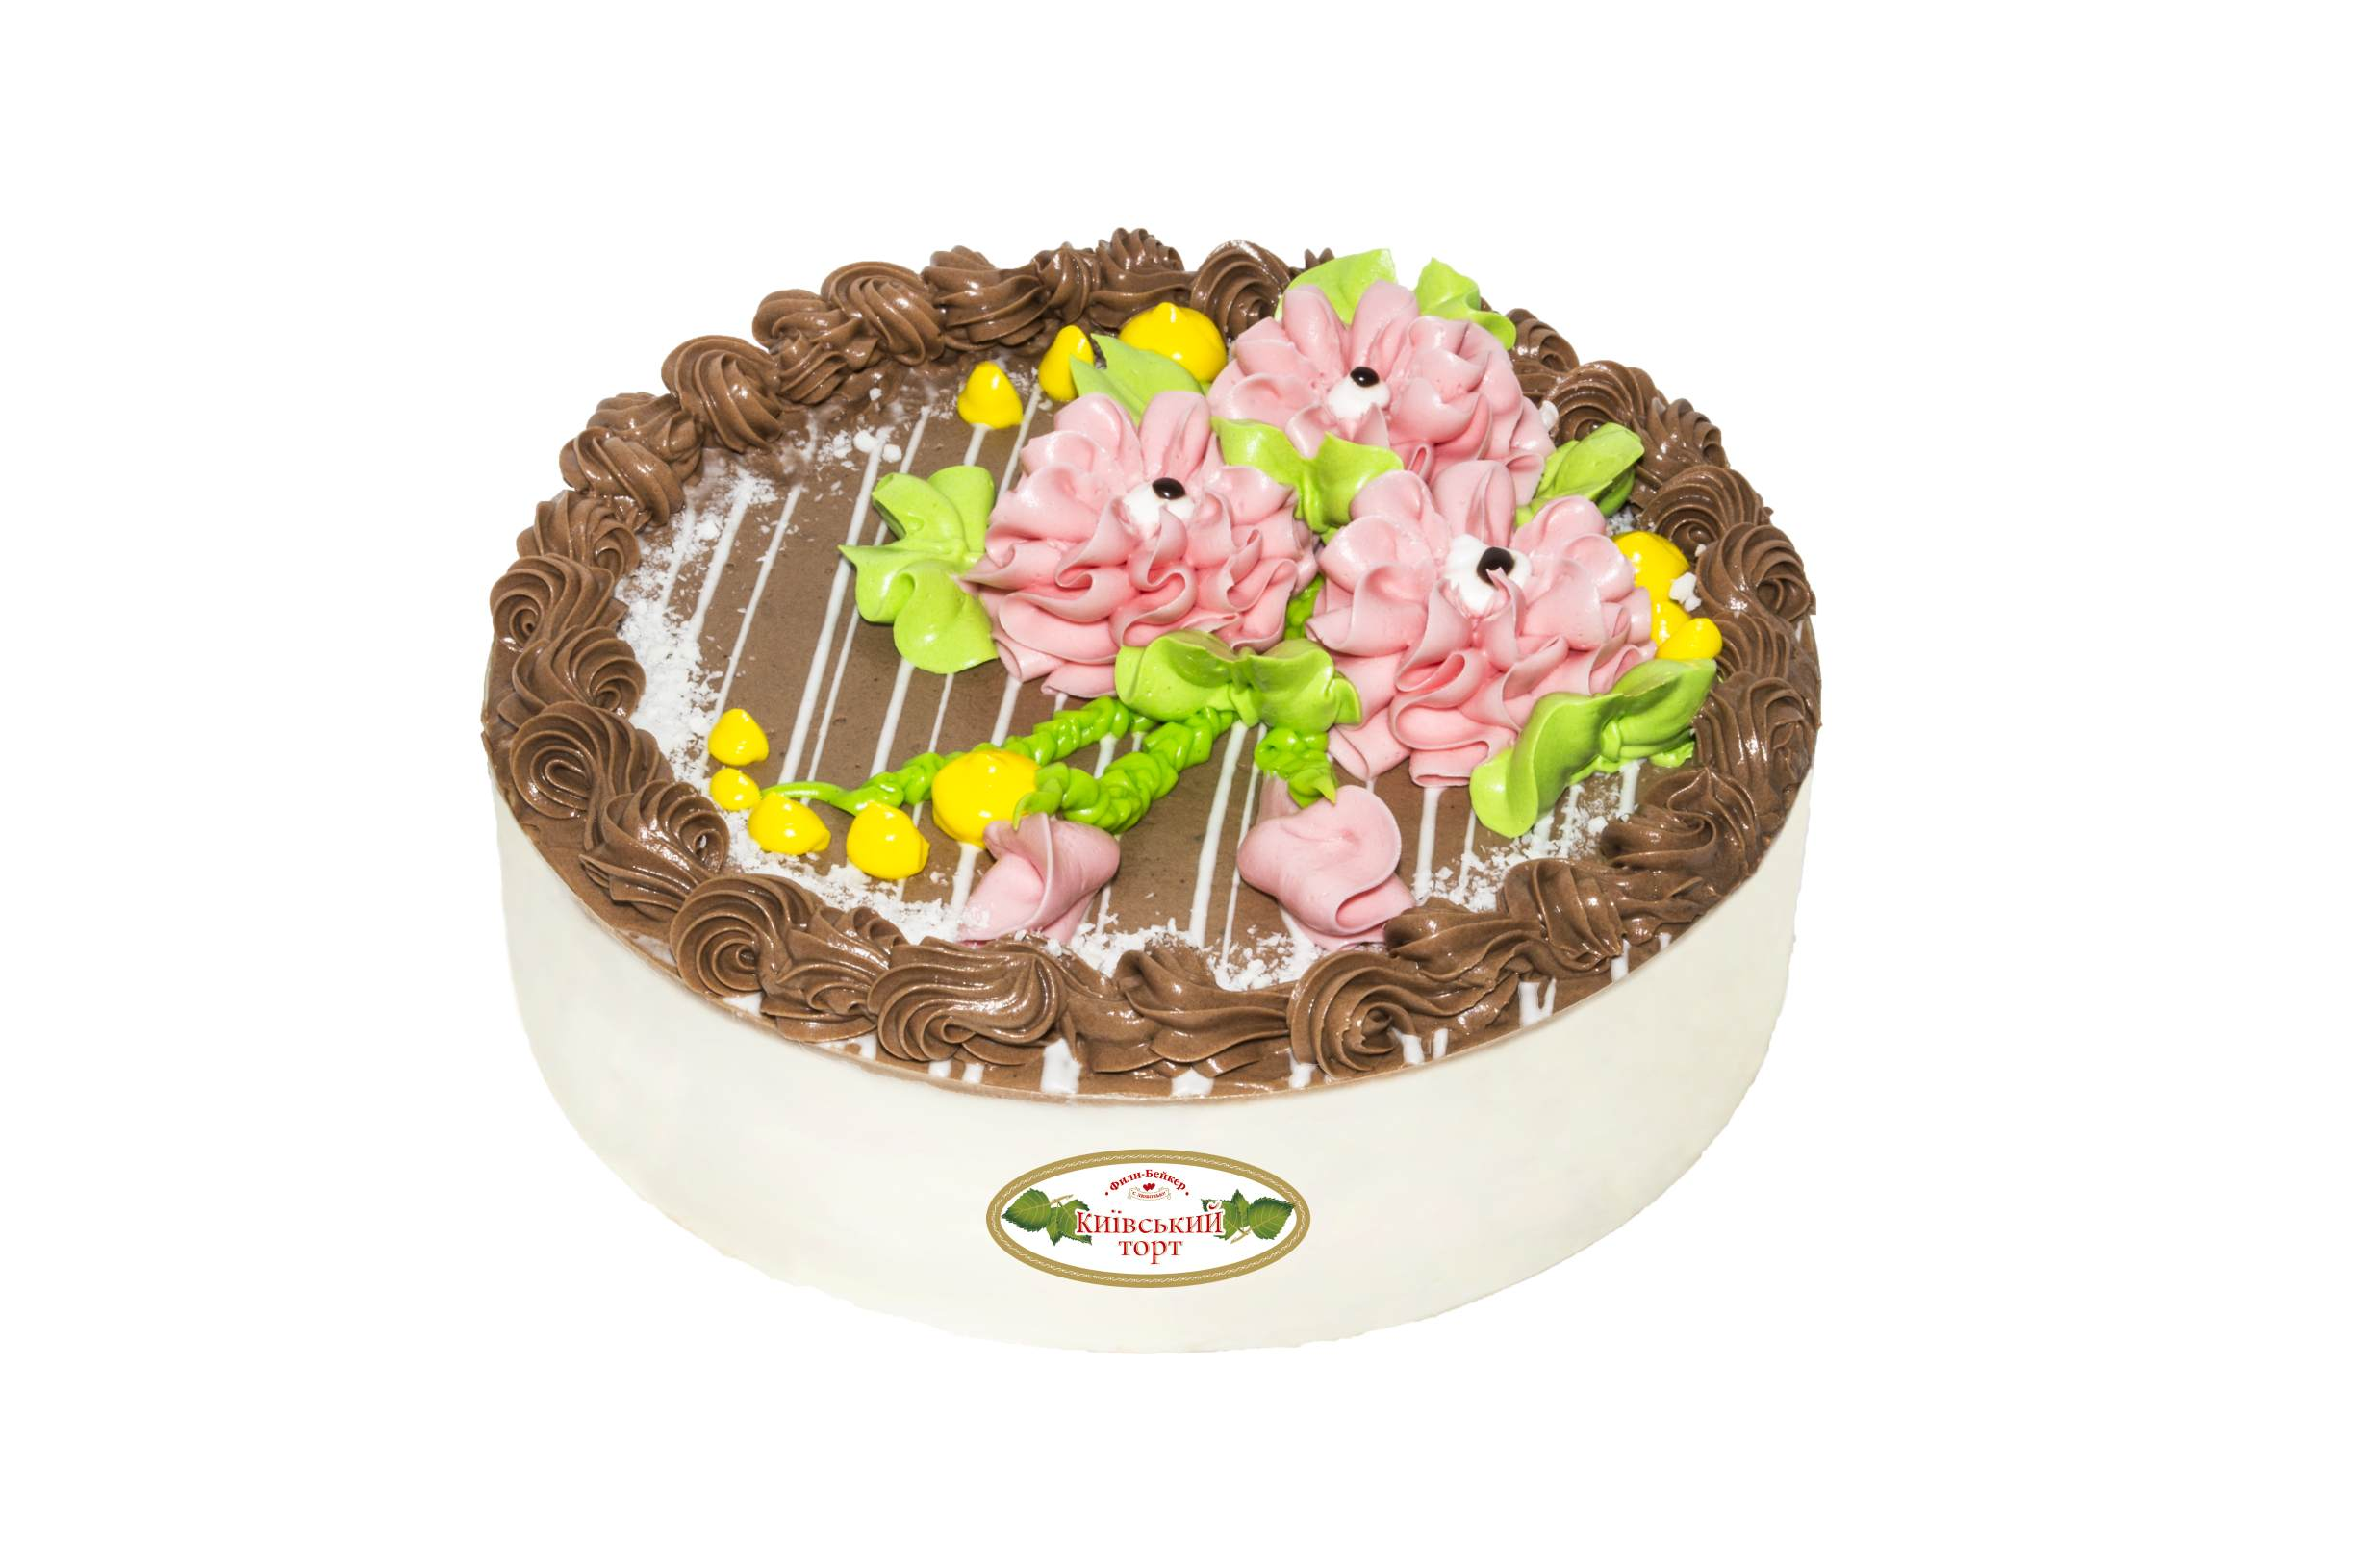 Киевский Торт Новый киевский Фили-Бейкер киевский торт новый киевский фили бейкер